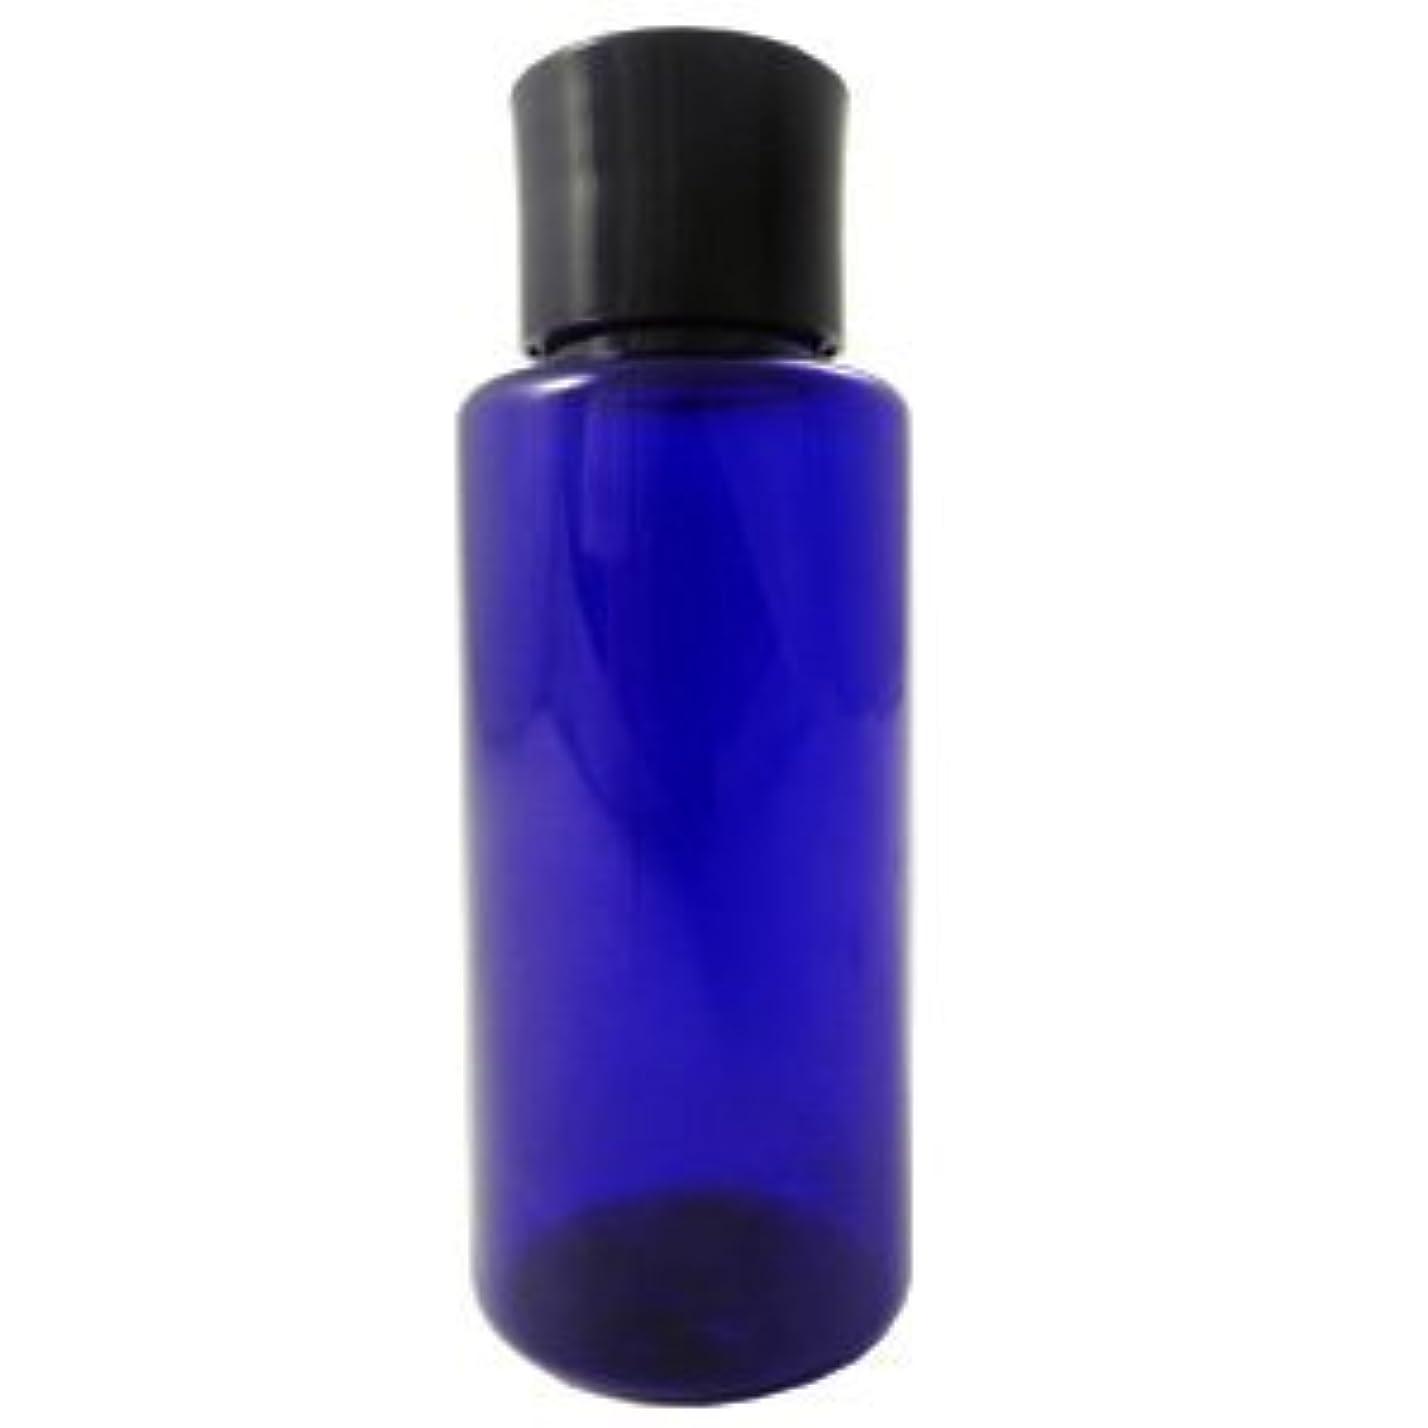 にじみ出る訴える精神PETボトル コバルトブルー 青 50ml 化粧水用中栓